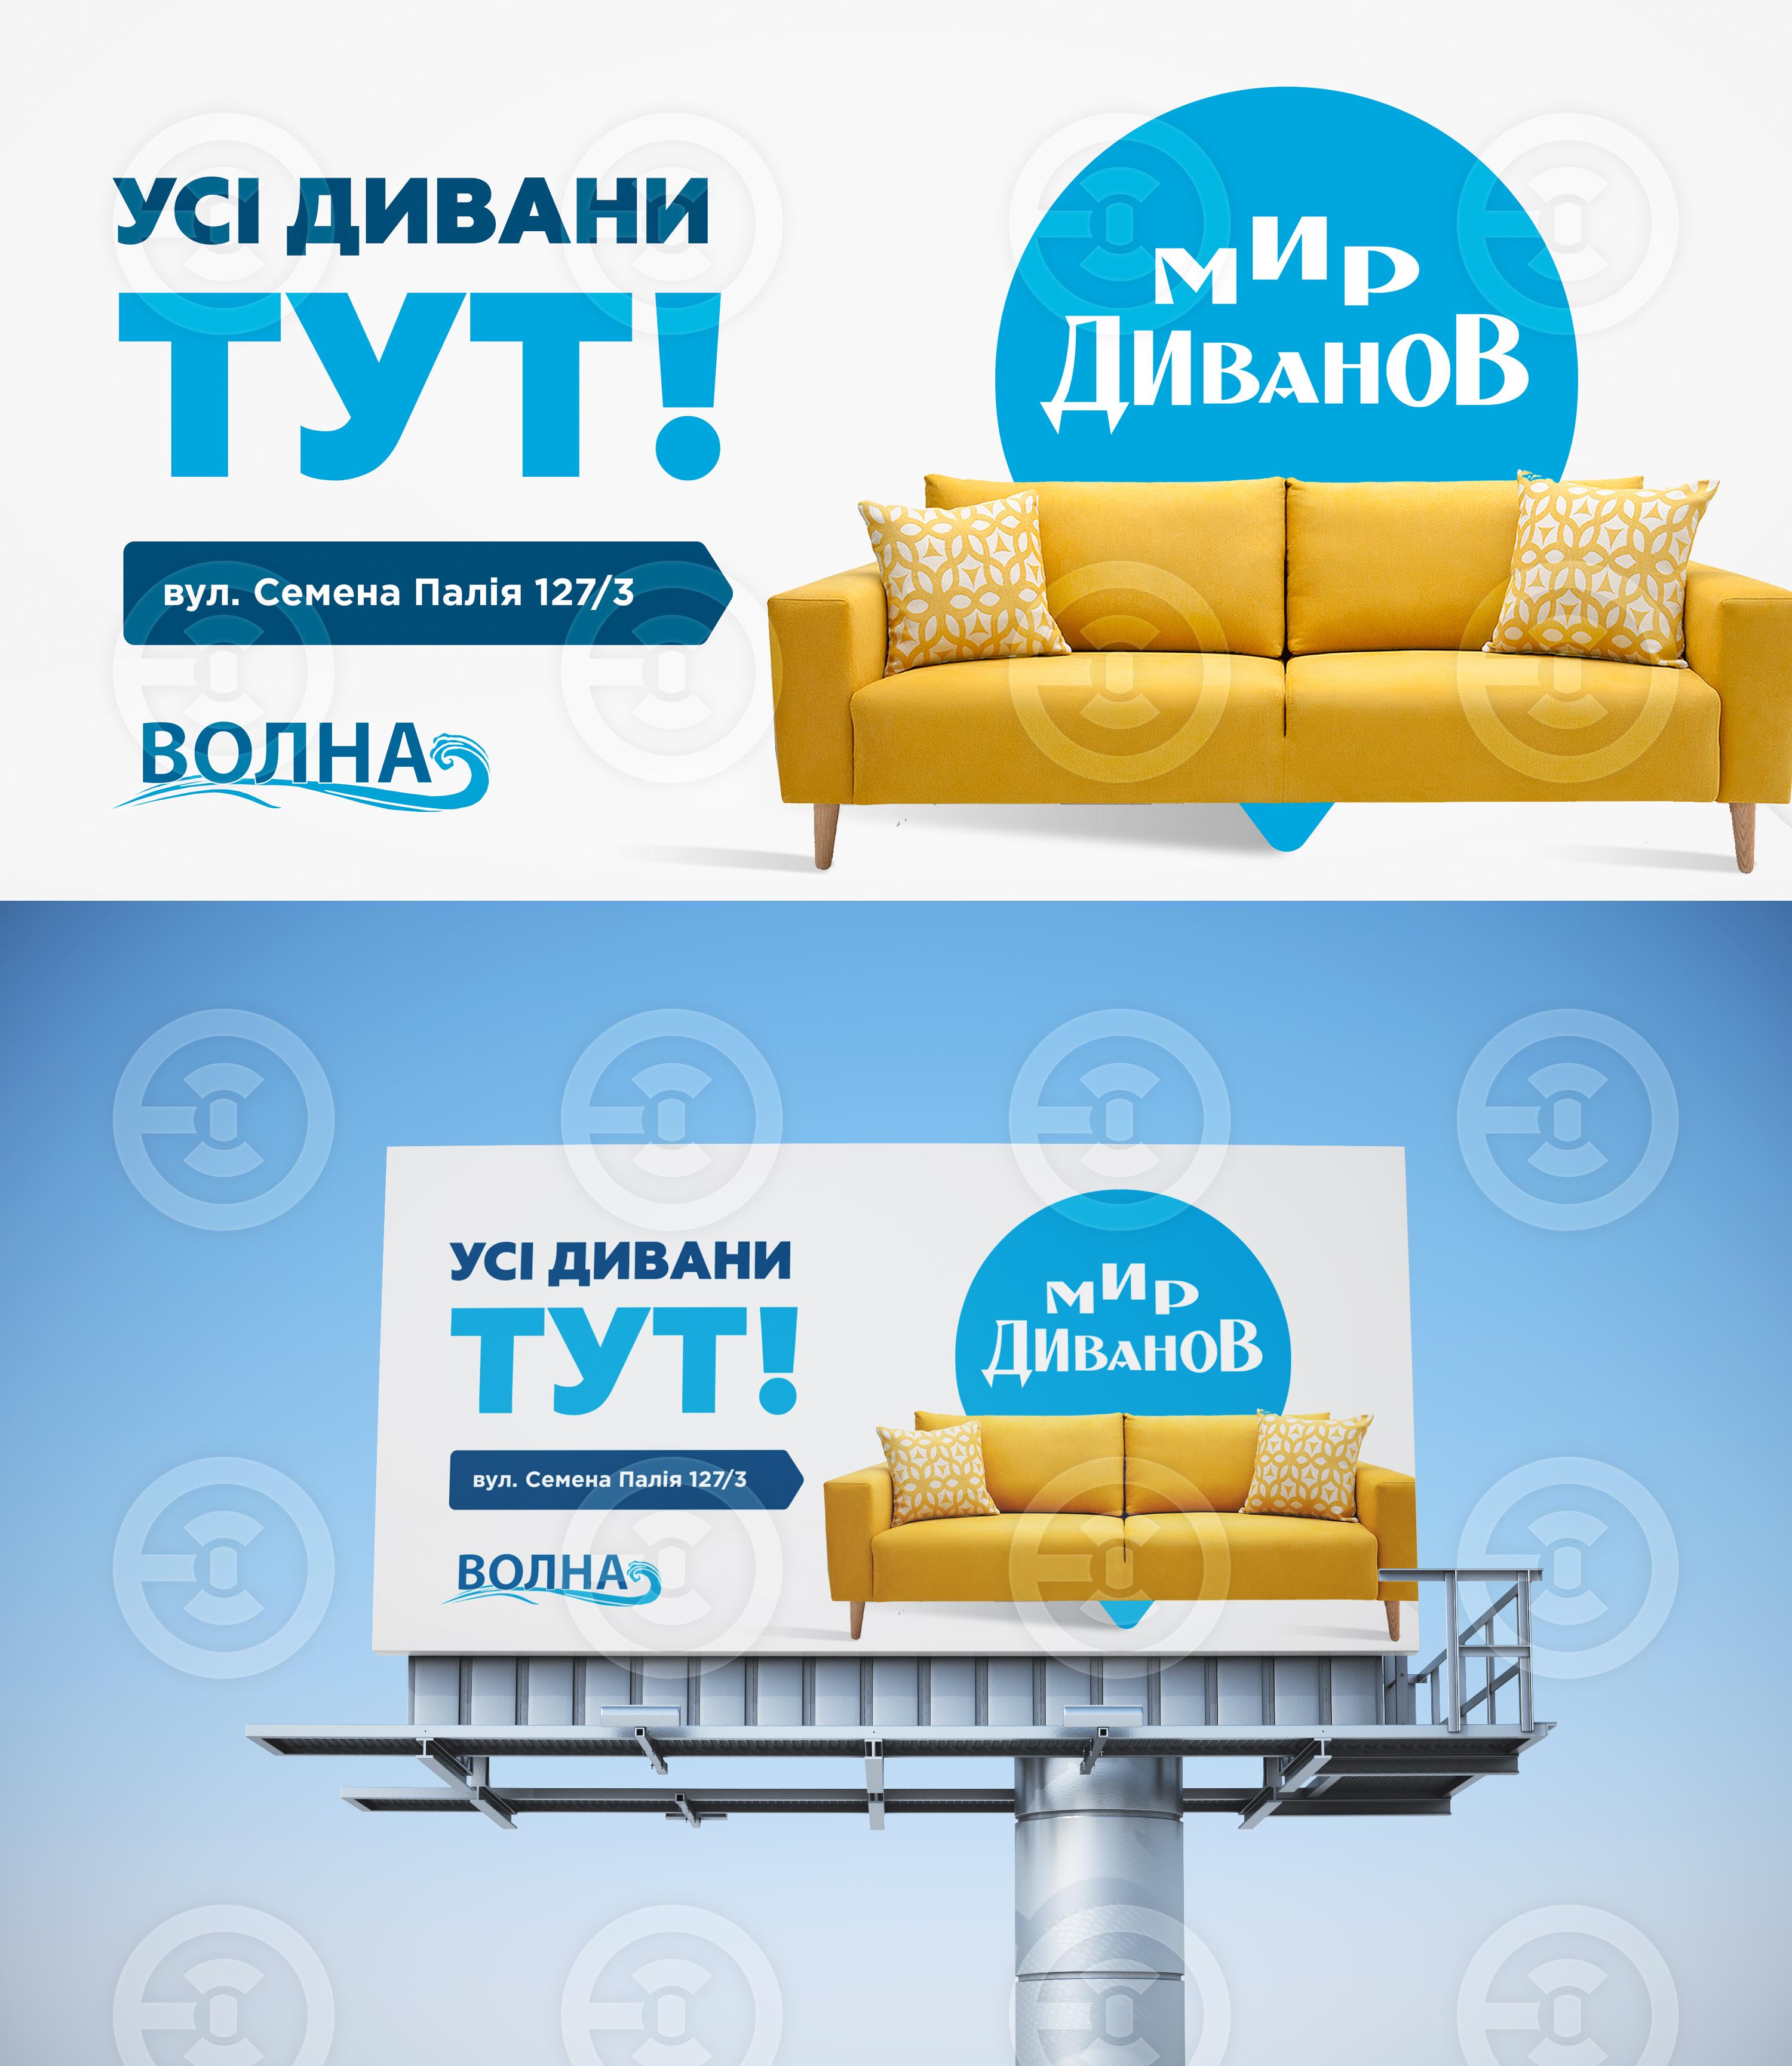 Free_Billboard_Mockup_5.jpg